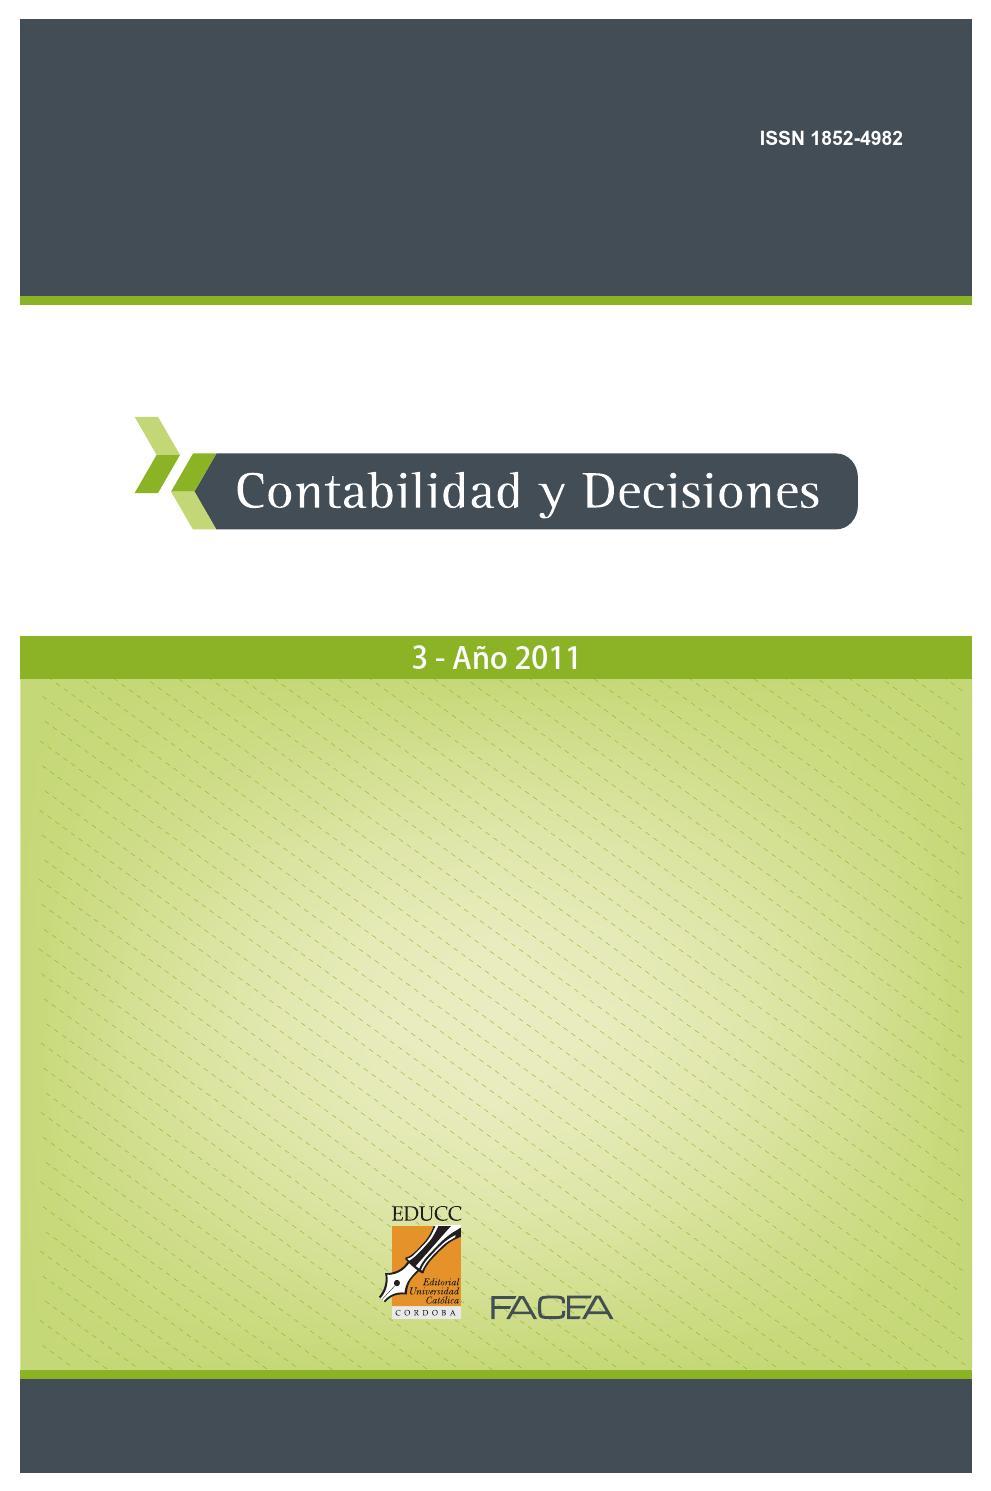 Contabilidad y Decisiones Nro. 3 by contabilidad.decisiones - issuu